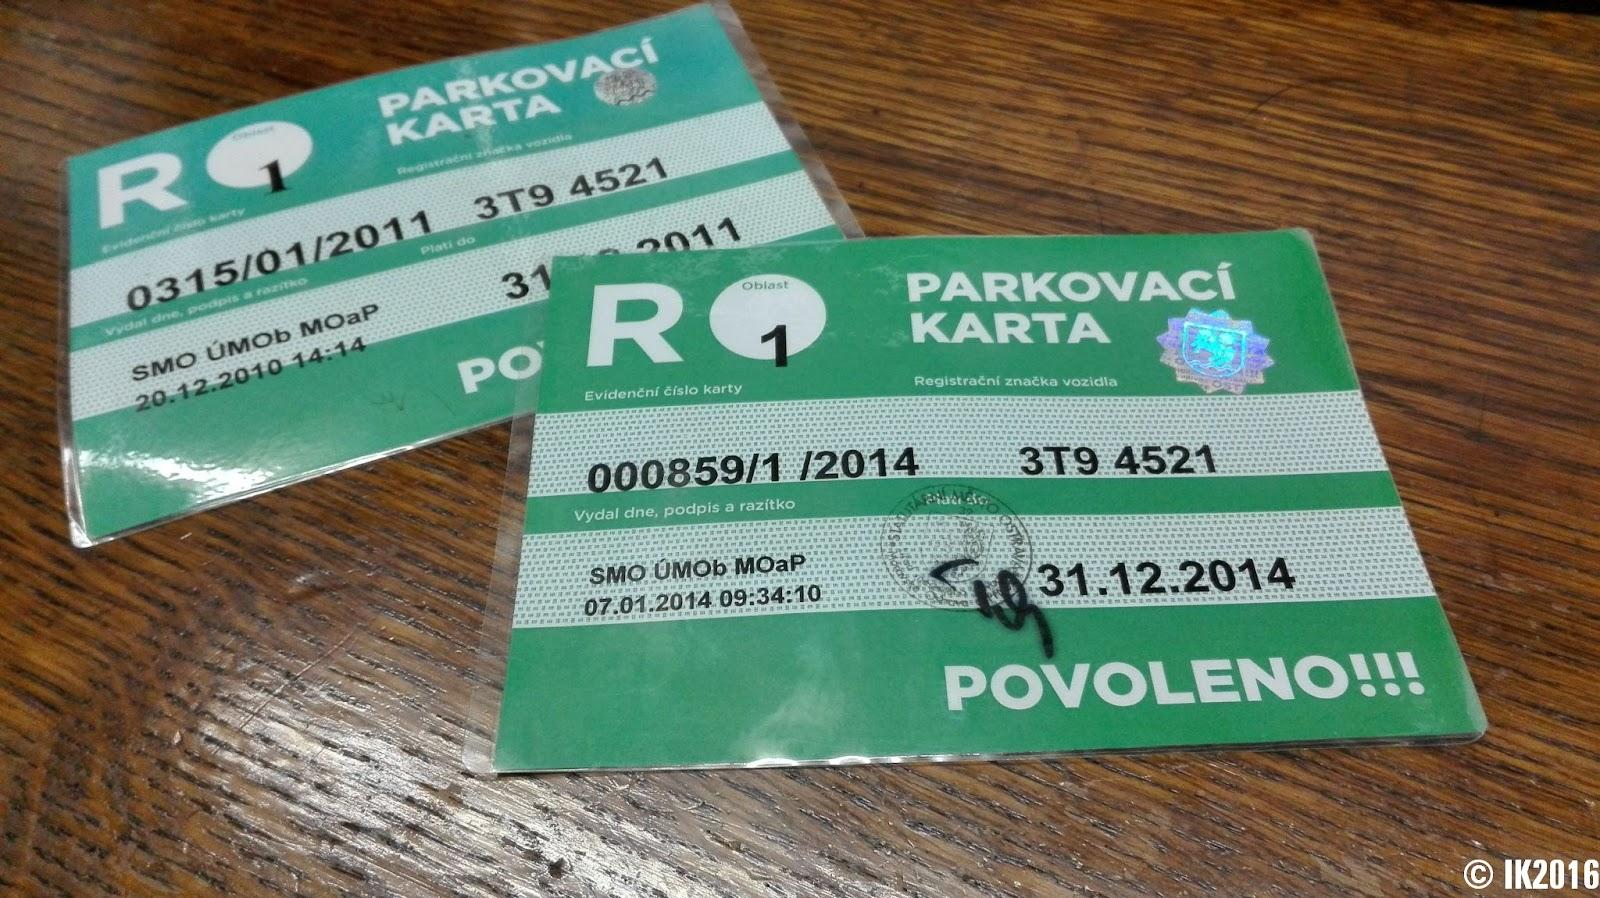 Jak V Ostrave Nesmim Parkovat Pred Svym Domem R Karta Kostecky Blog